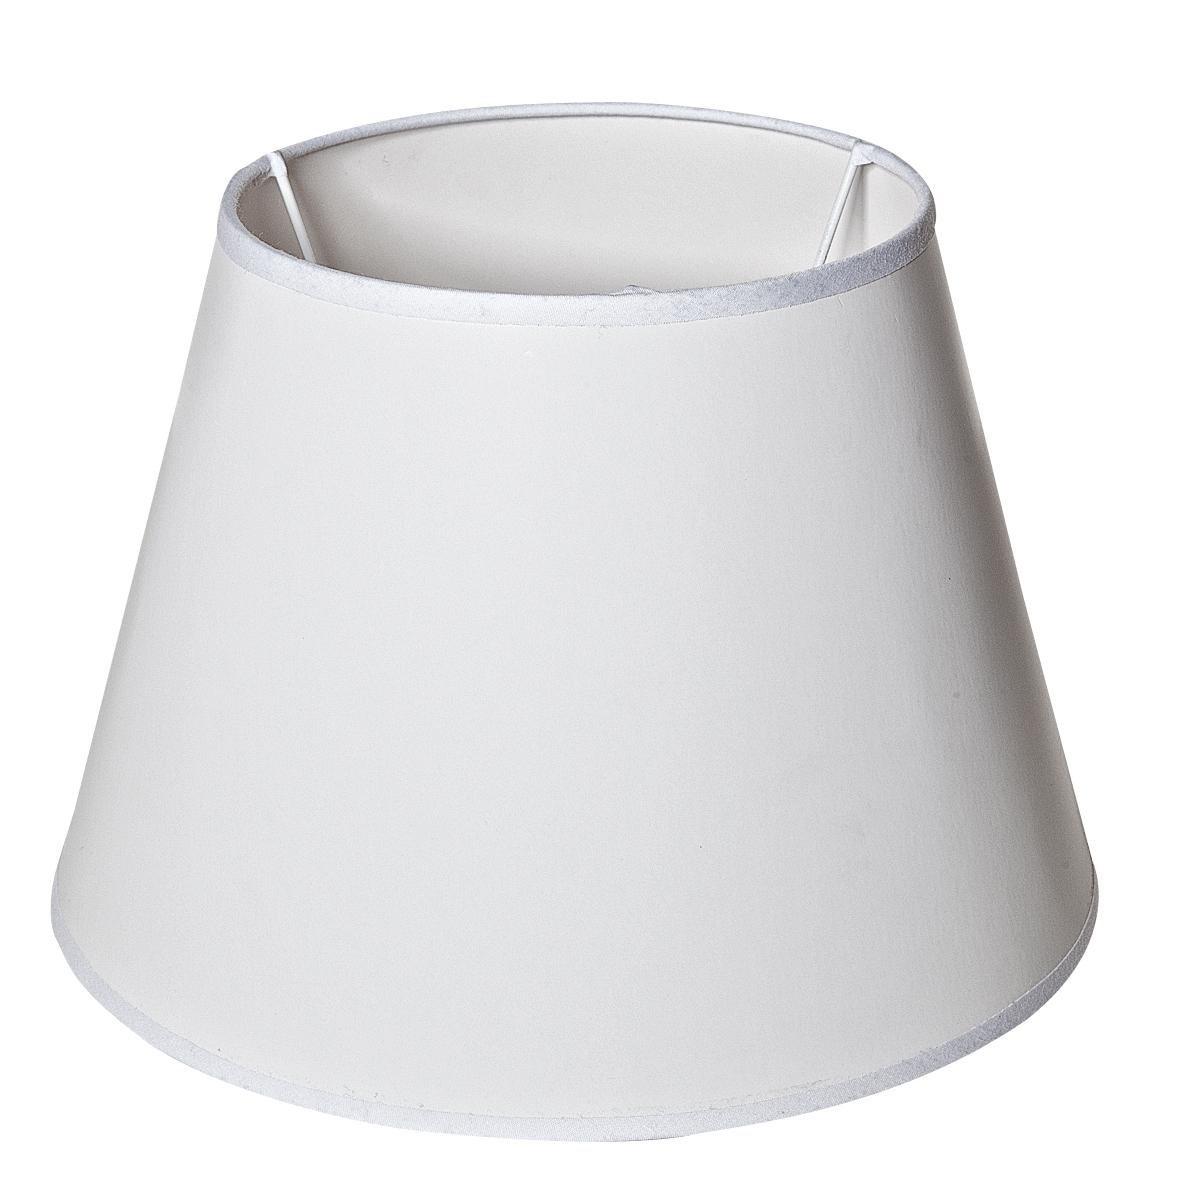 VBS Lampenschirm ´´Papierschirm´´ für E 14 Fassungen | Lampen > Lampenschirme und Füsse > Lampenschirme | Papier | VBS